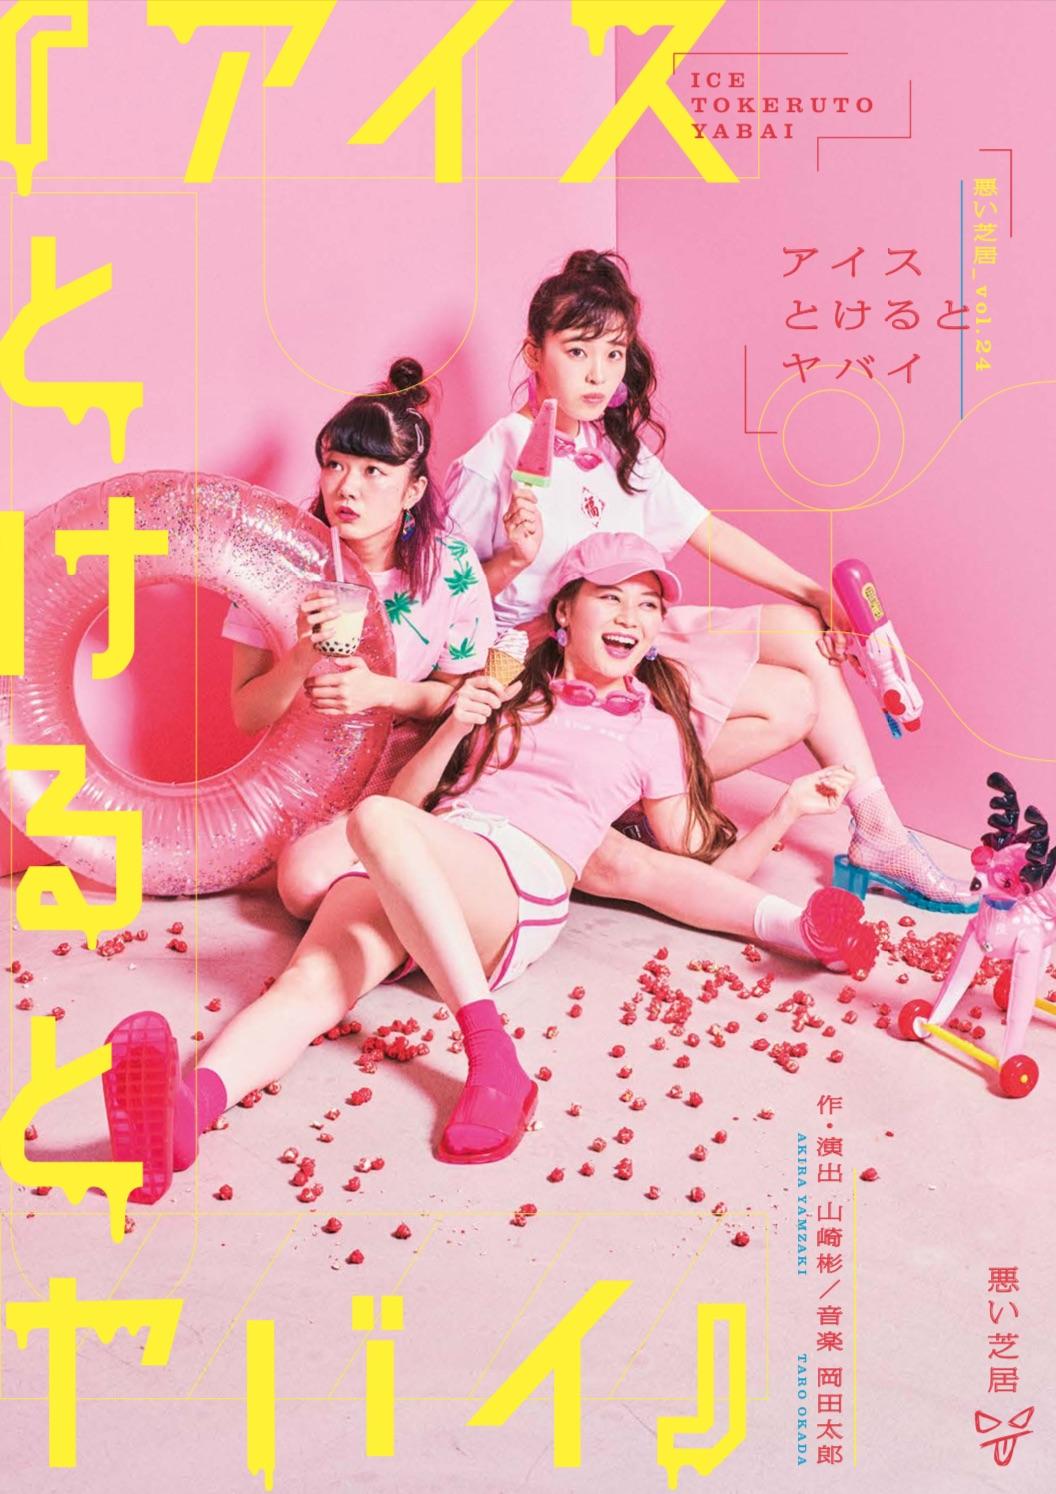 8/31(土) 18:00|悪い芝居 vol.24 「アイスとけるとヤバイ」仙台公演